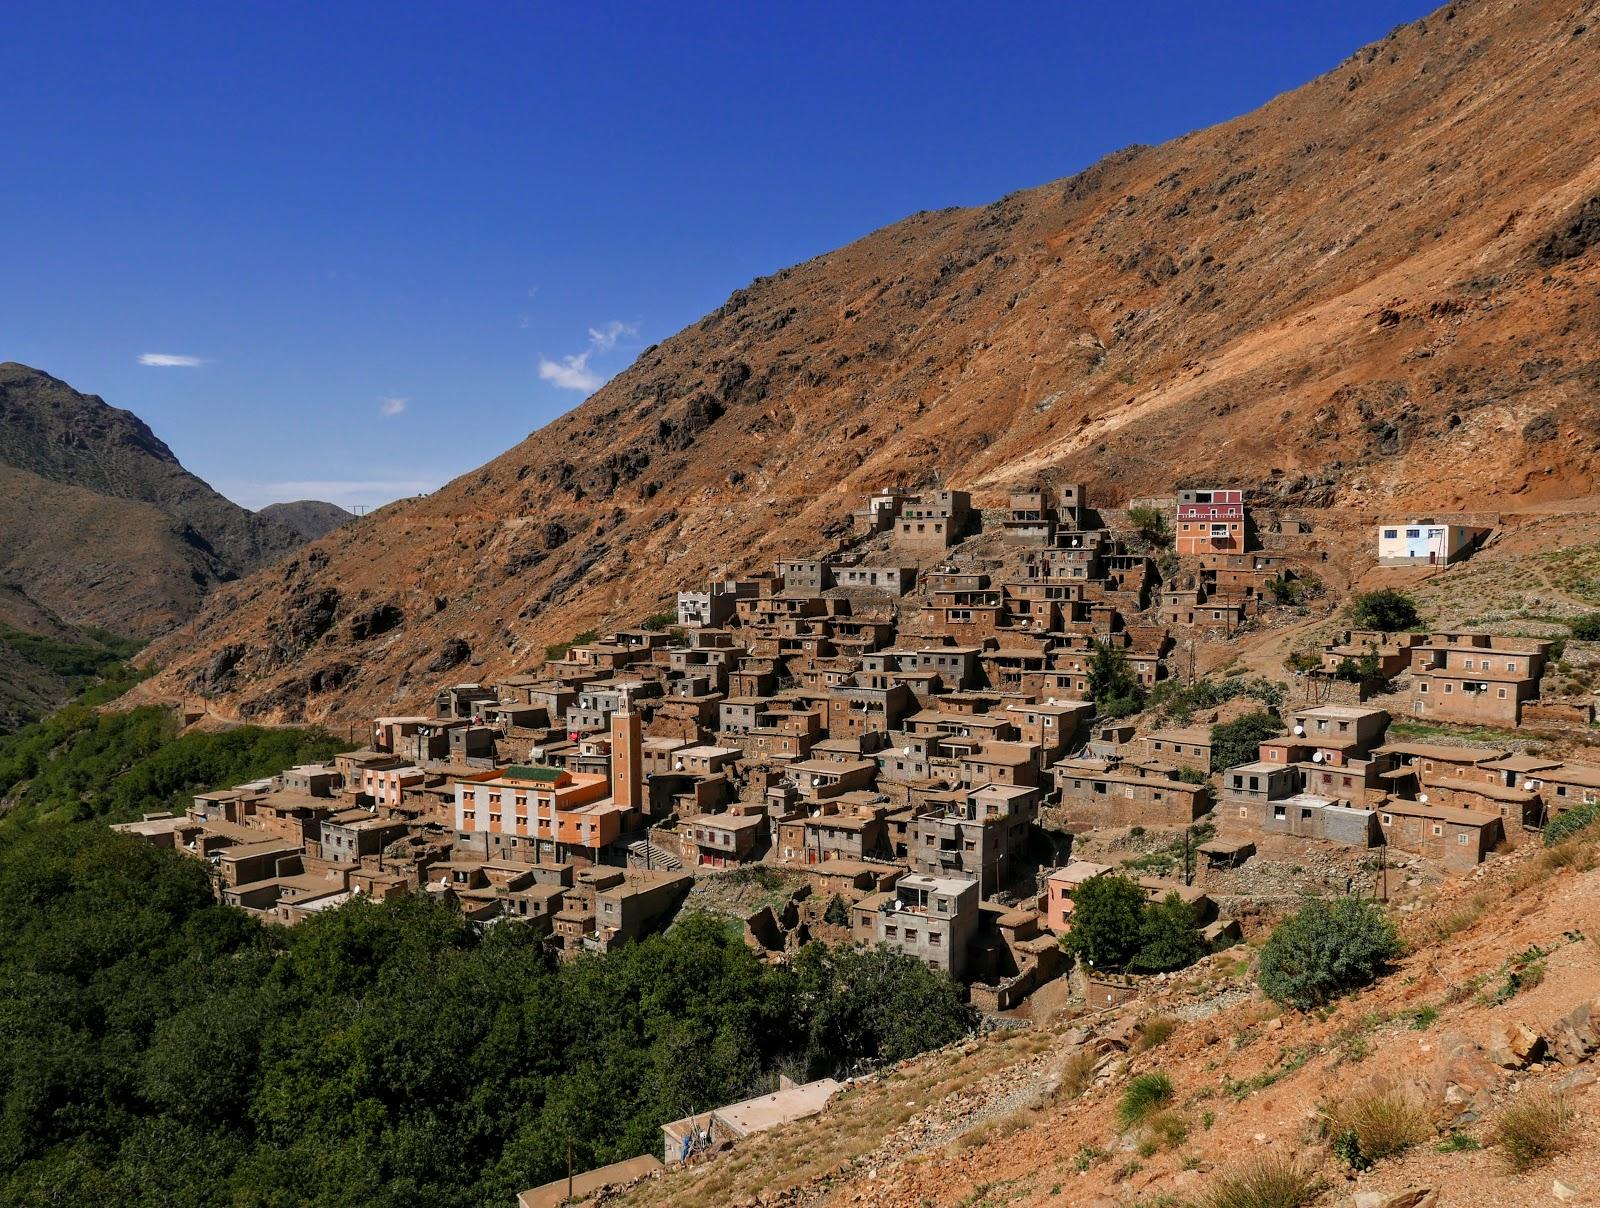 Trekking w Atlasie Wysokim. Przełęcz Tizi n'Tamatert [pyszne soki z pomarańczy, księżycowe krajobrazy, z widokiem na 3-tysięczniki] >>>